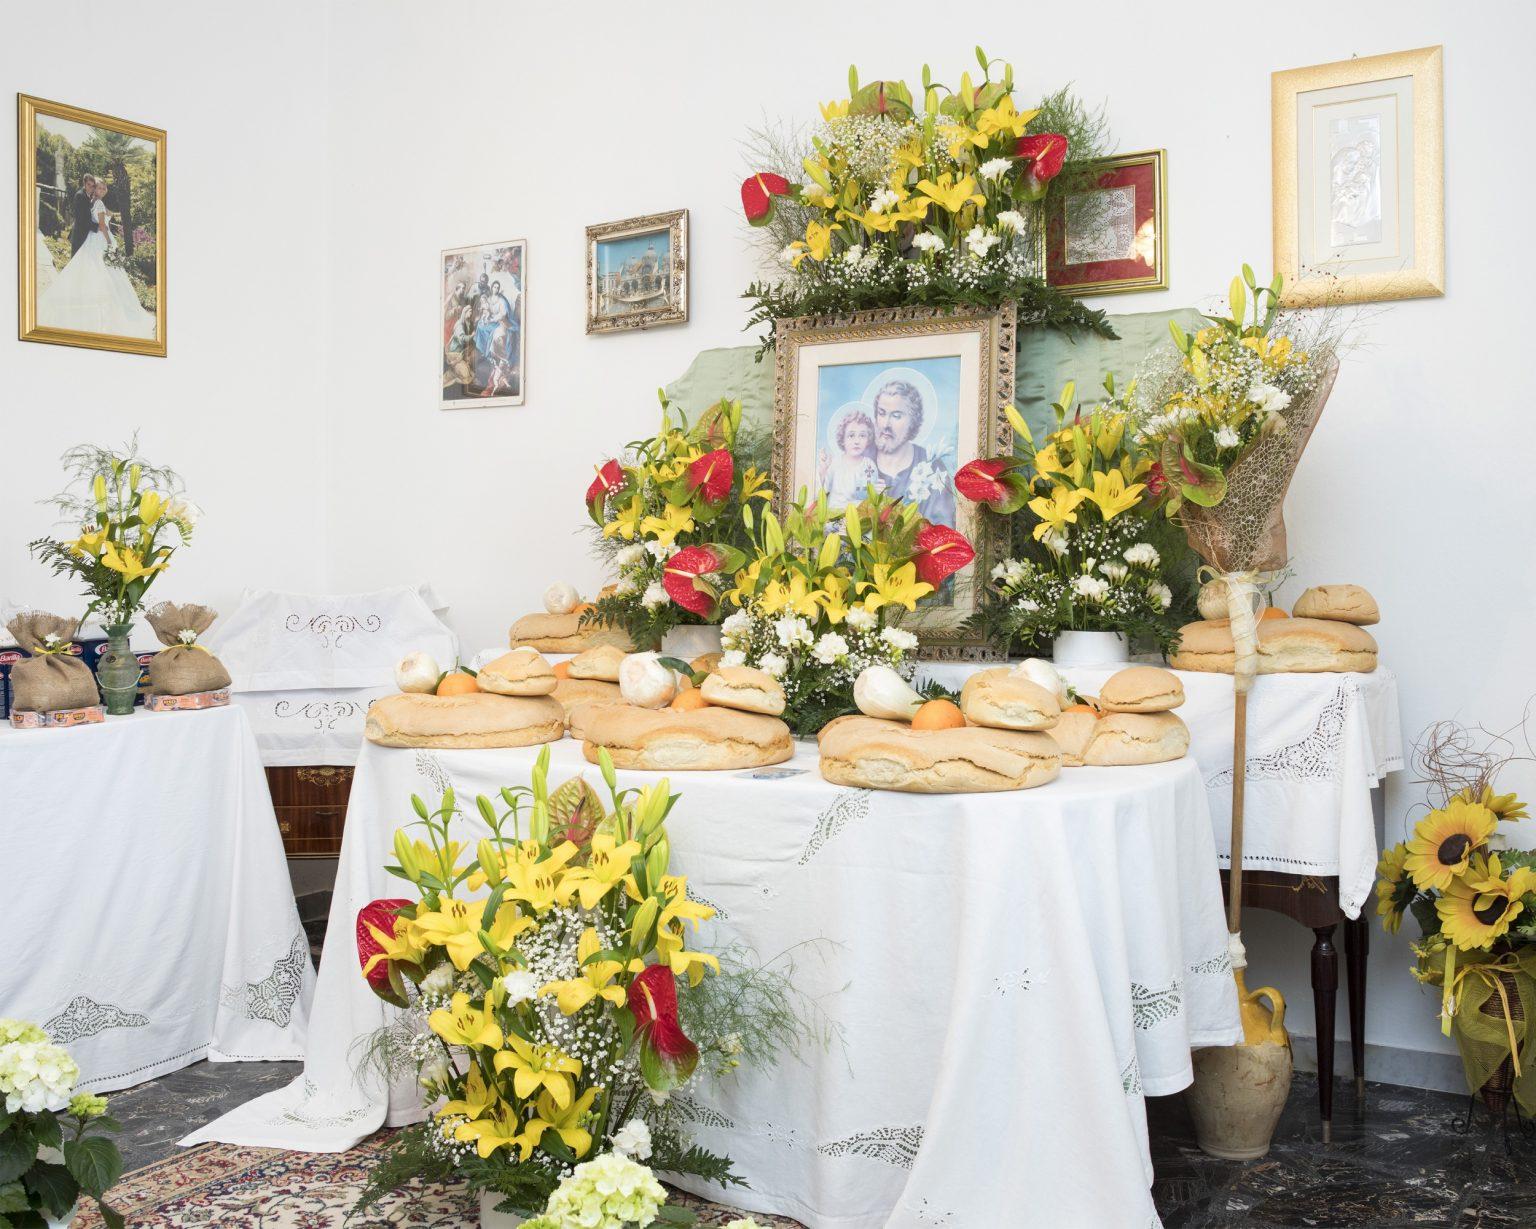 st-josephs-tables